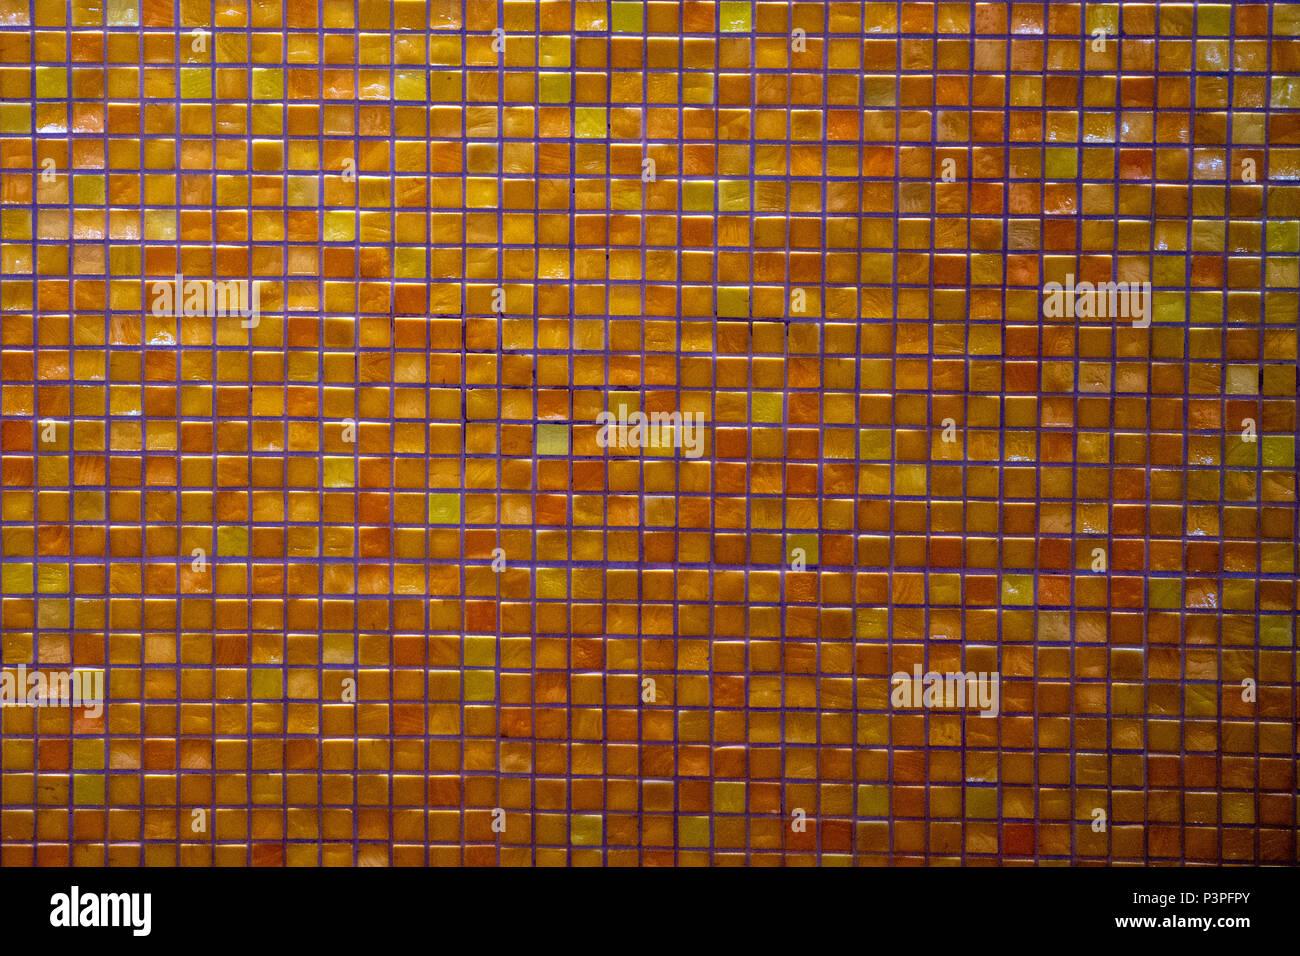 Arancio e giallo mosaico piastrella vetrificata texture di sfondo